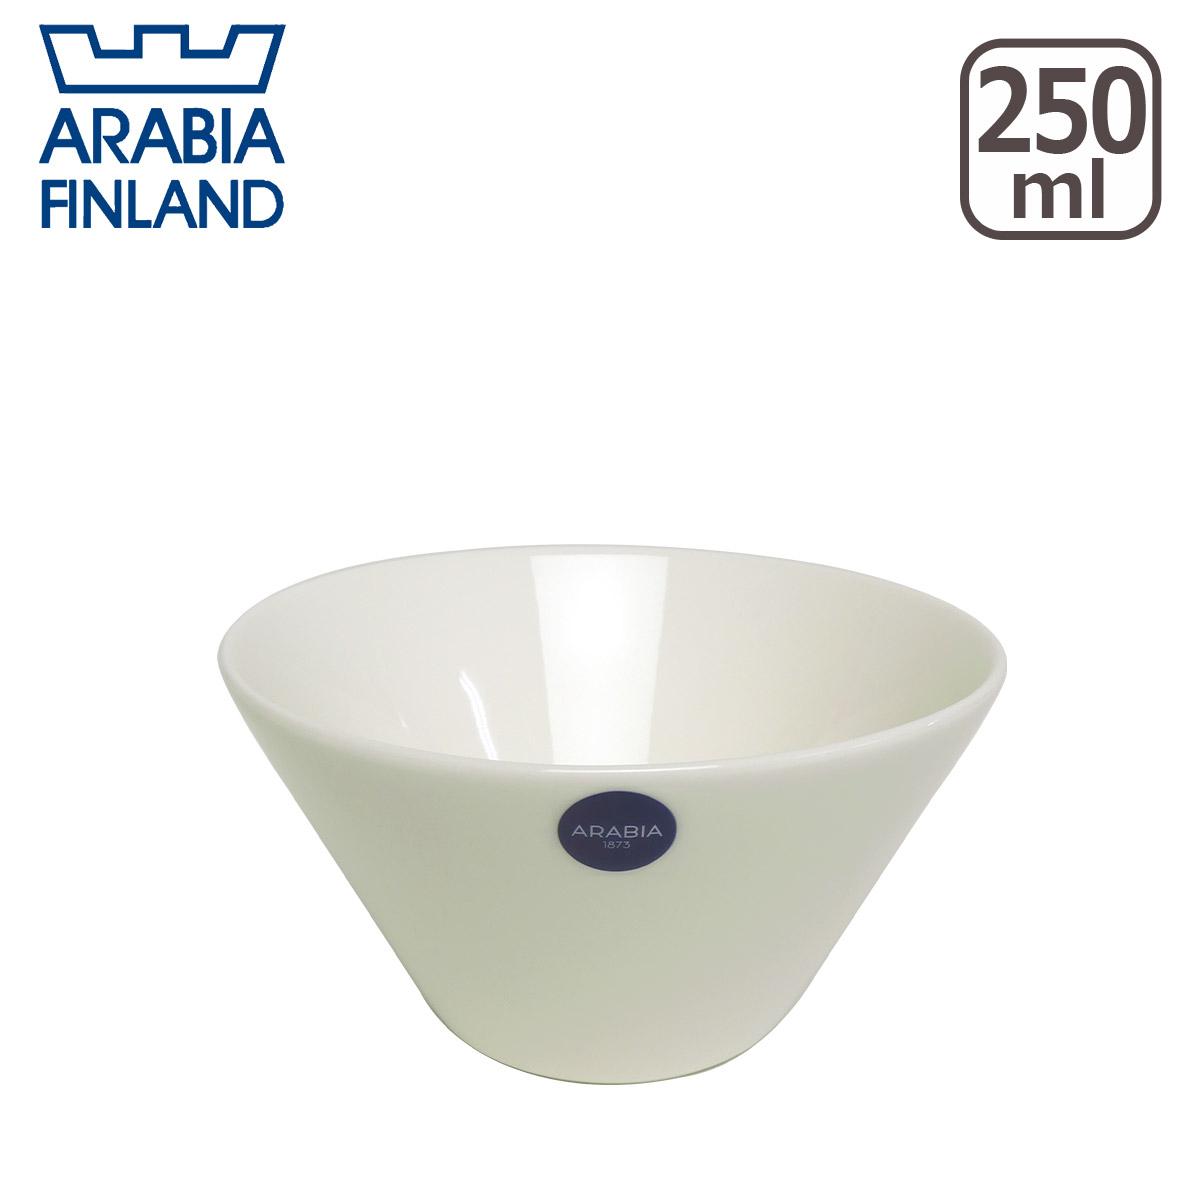 【3%offクーポン】アラビア(Arabia) ココ(koko) ボウル 250ml ホワイト 北欧 フィンランド 食器 Arabia 食器洗い機 対応 ギフト・のし可